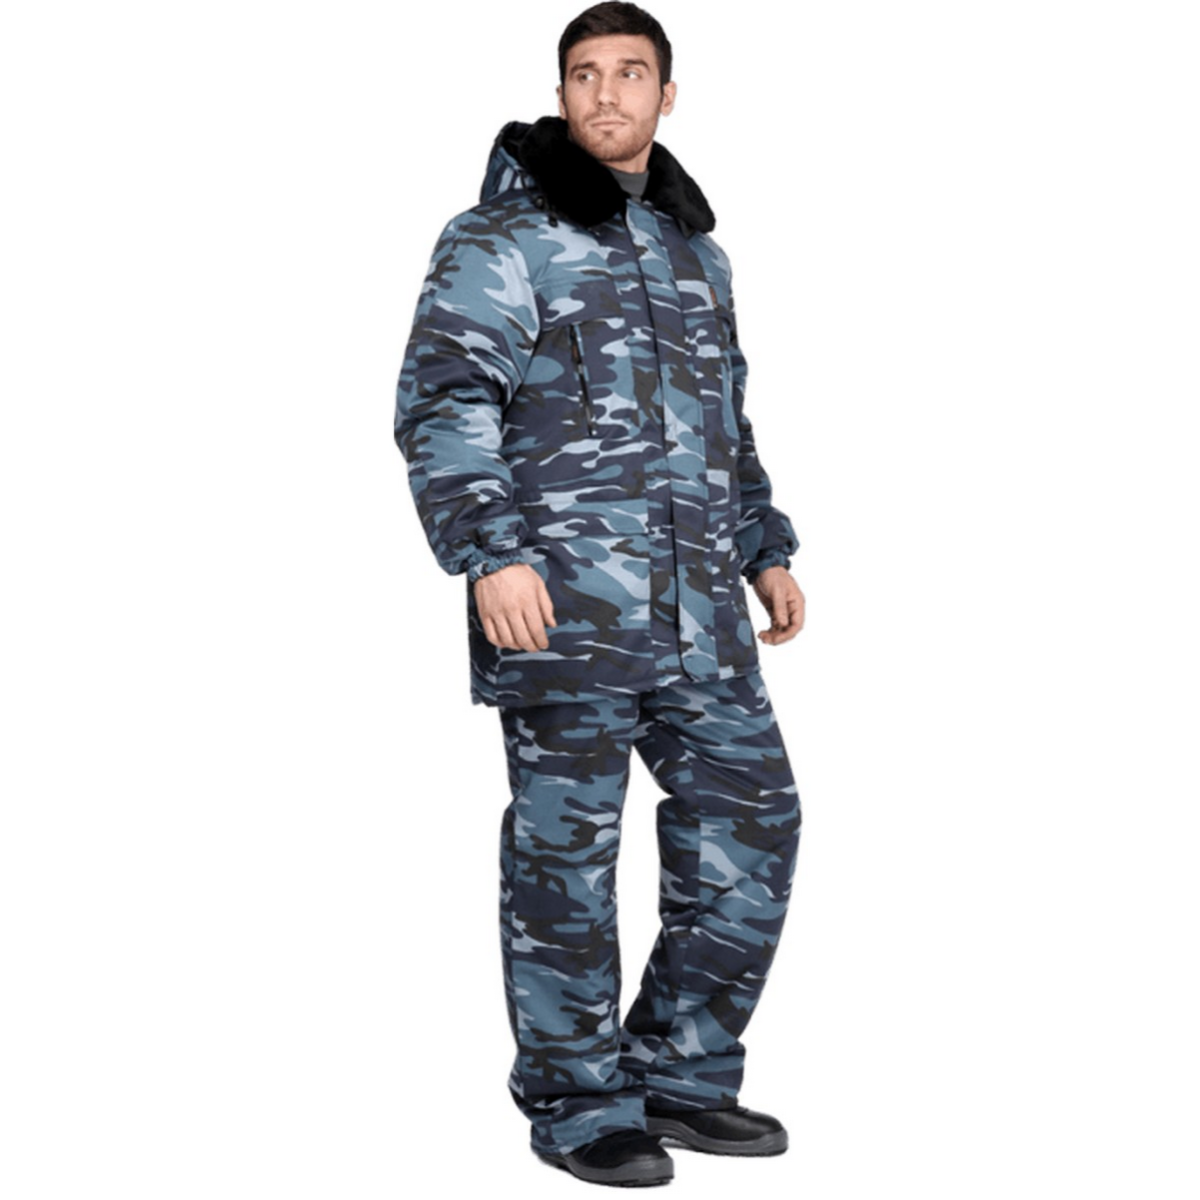 Костюм ГОРОД утеплённый КМФ серый (разм. 120-124 рост 170-176)